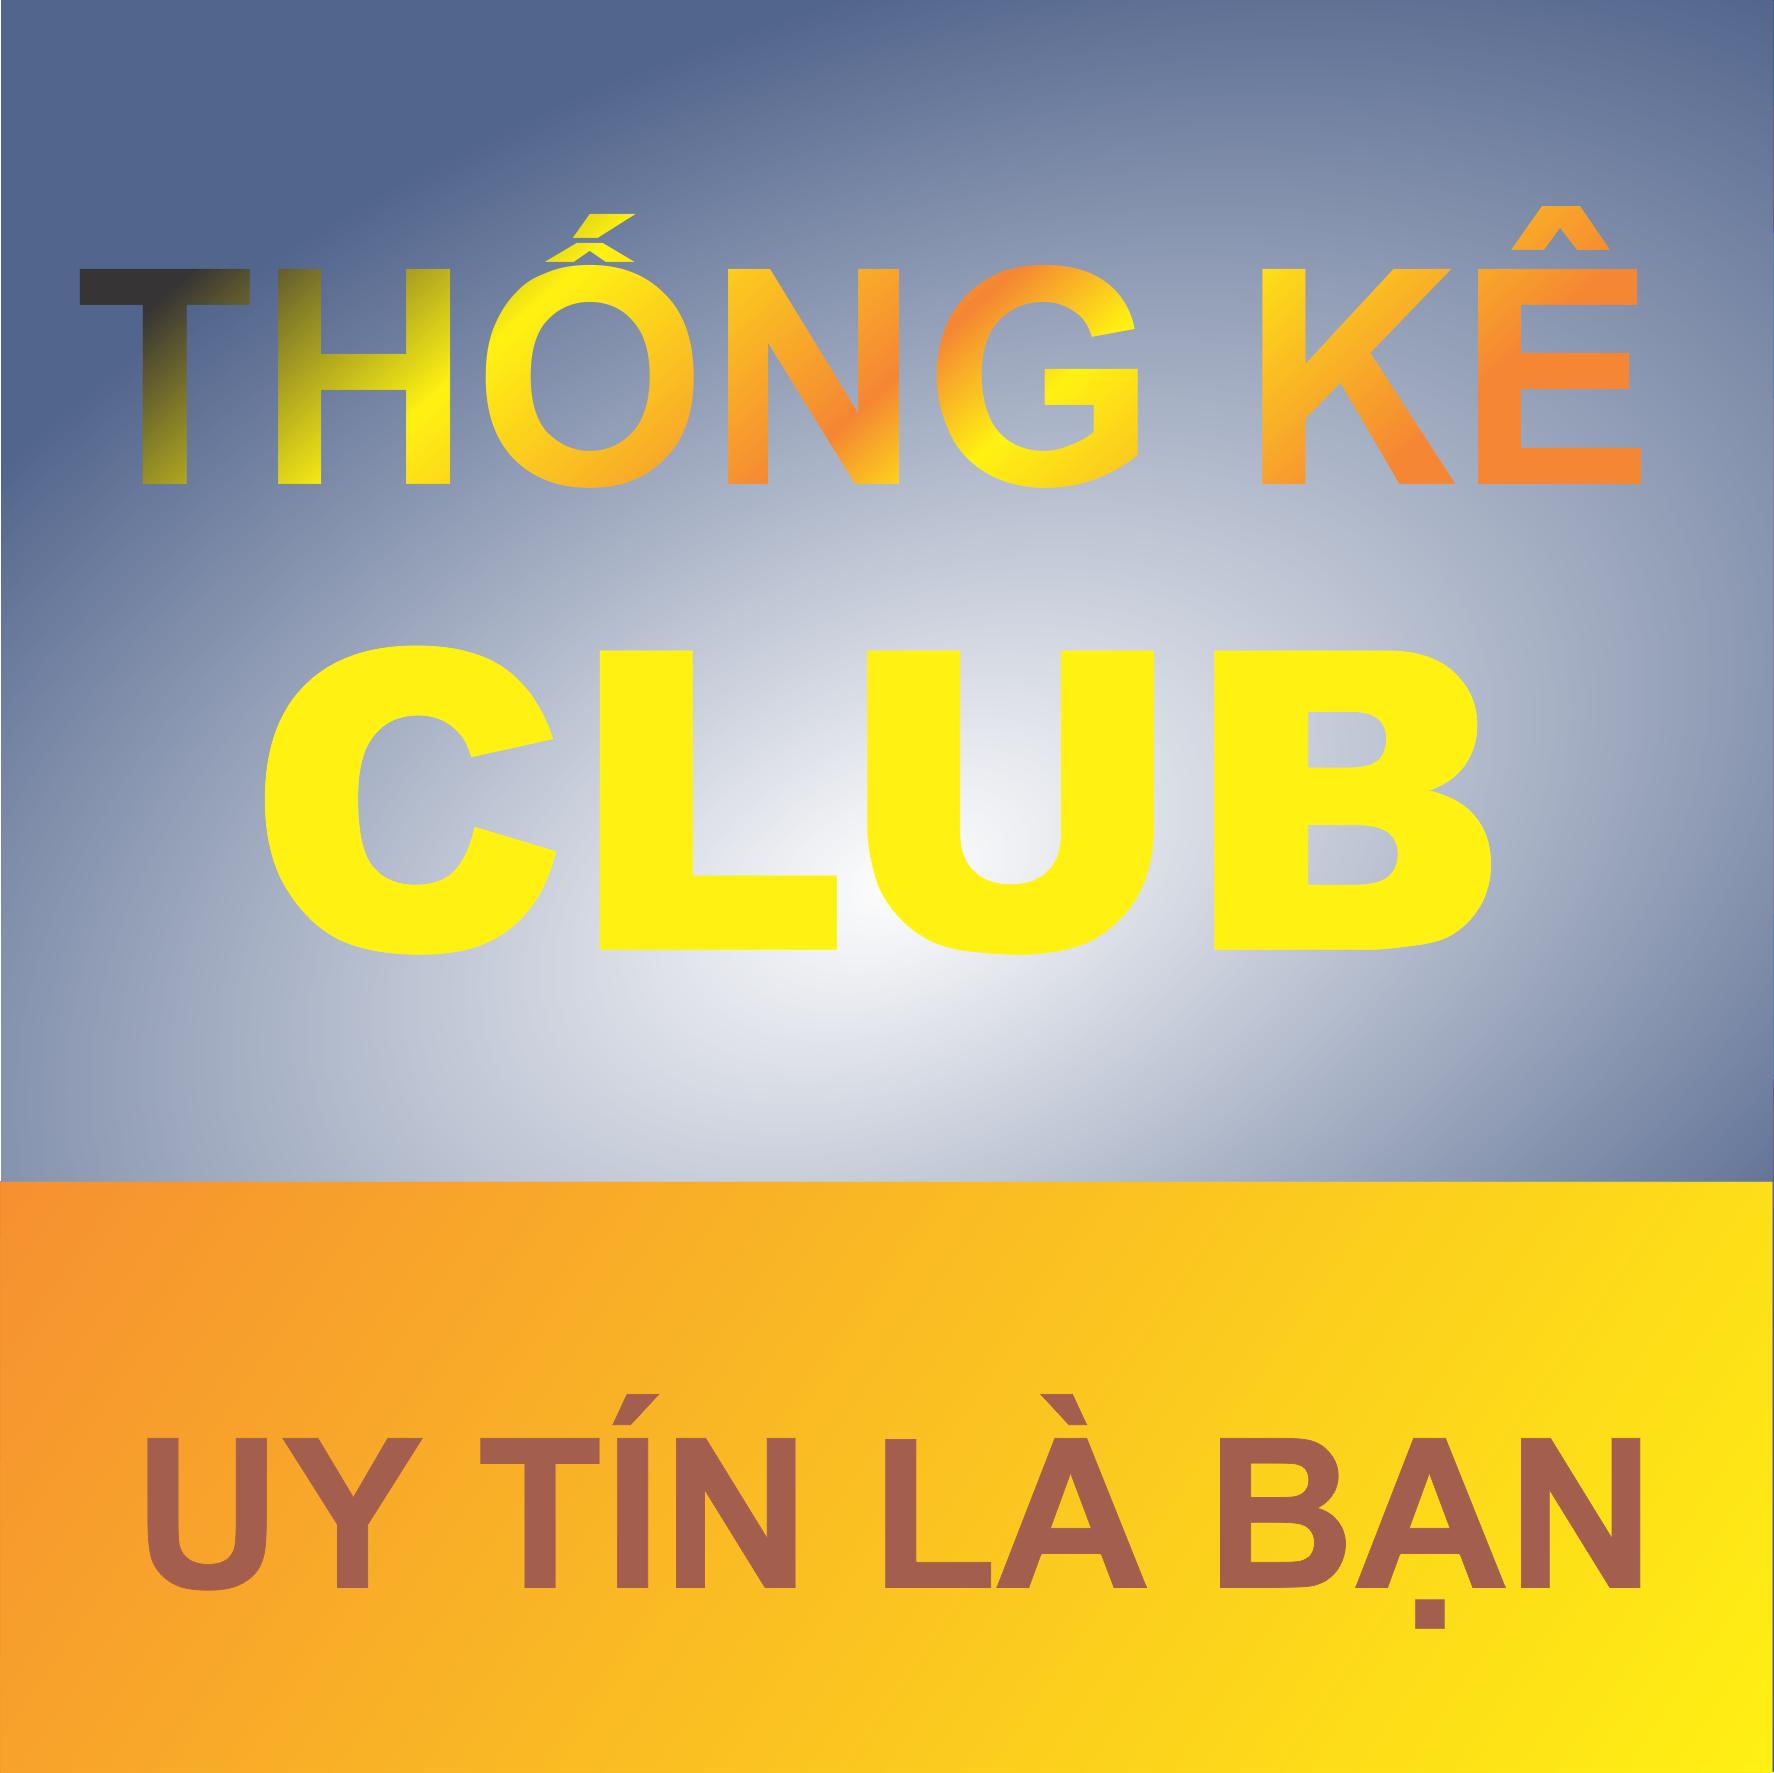 thongke01 - nhận dạy mô hình kinh tế lượng